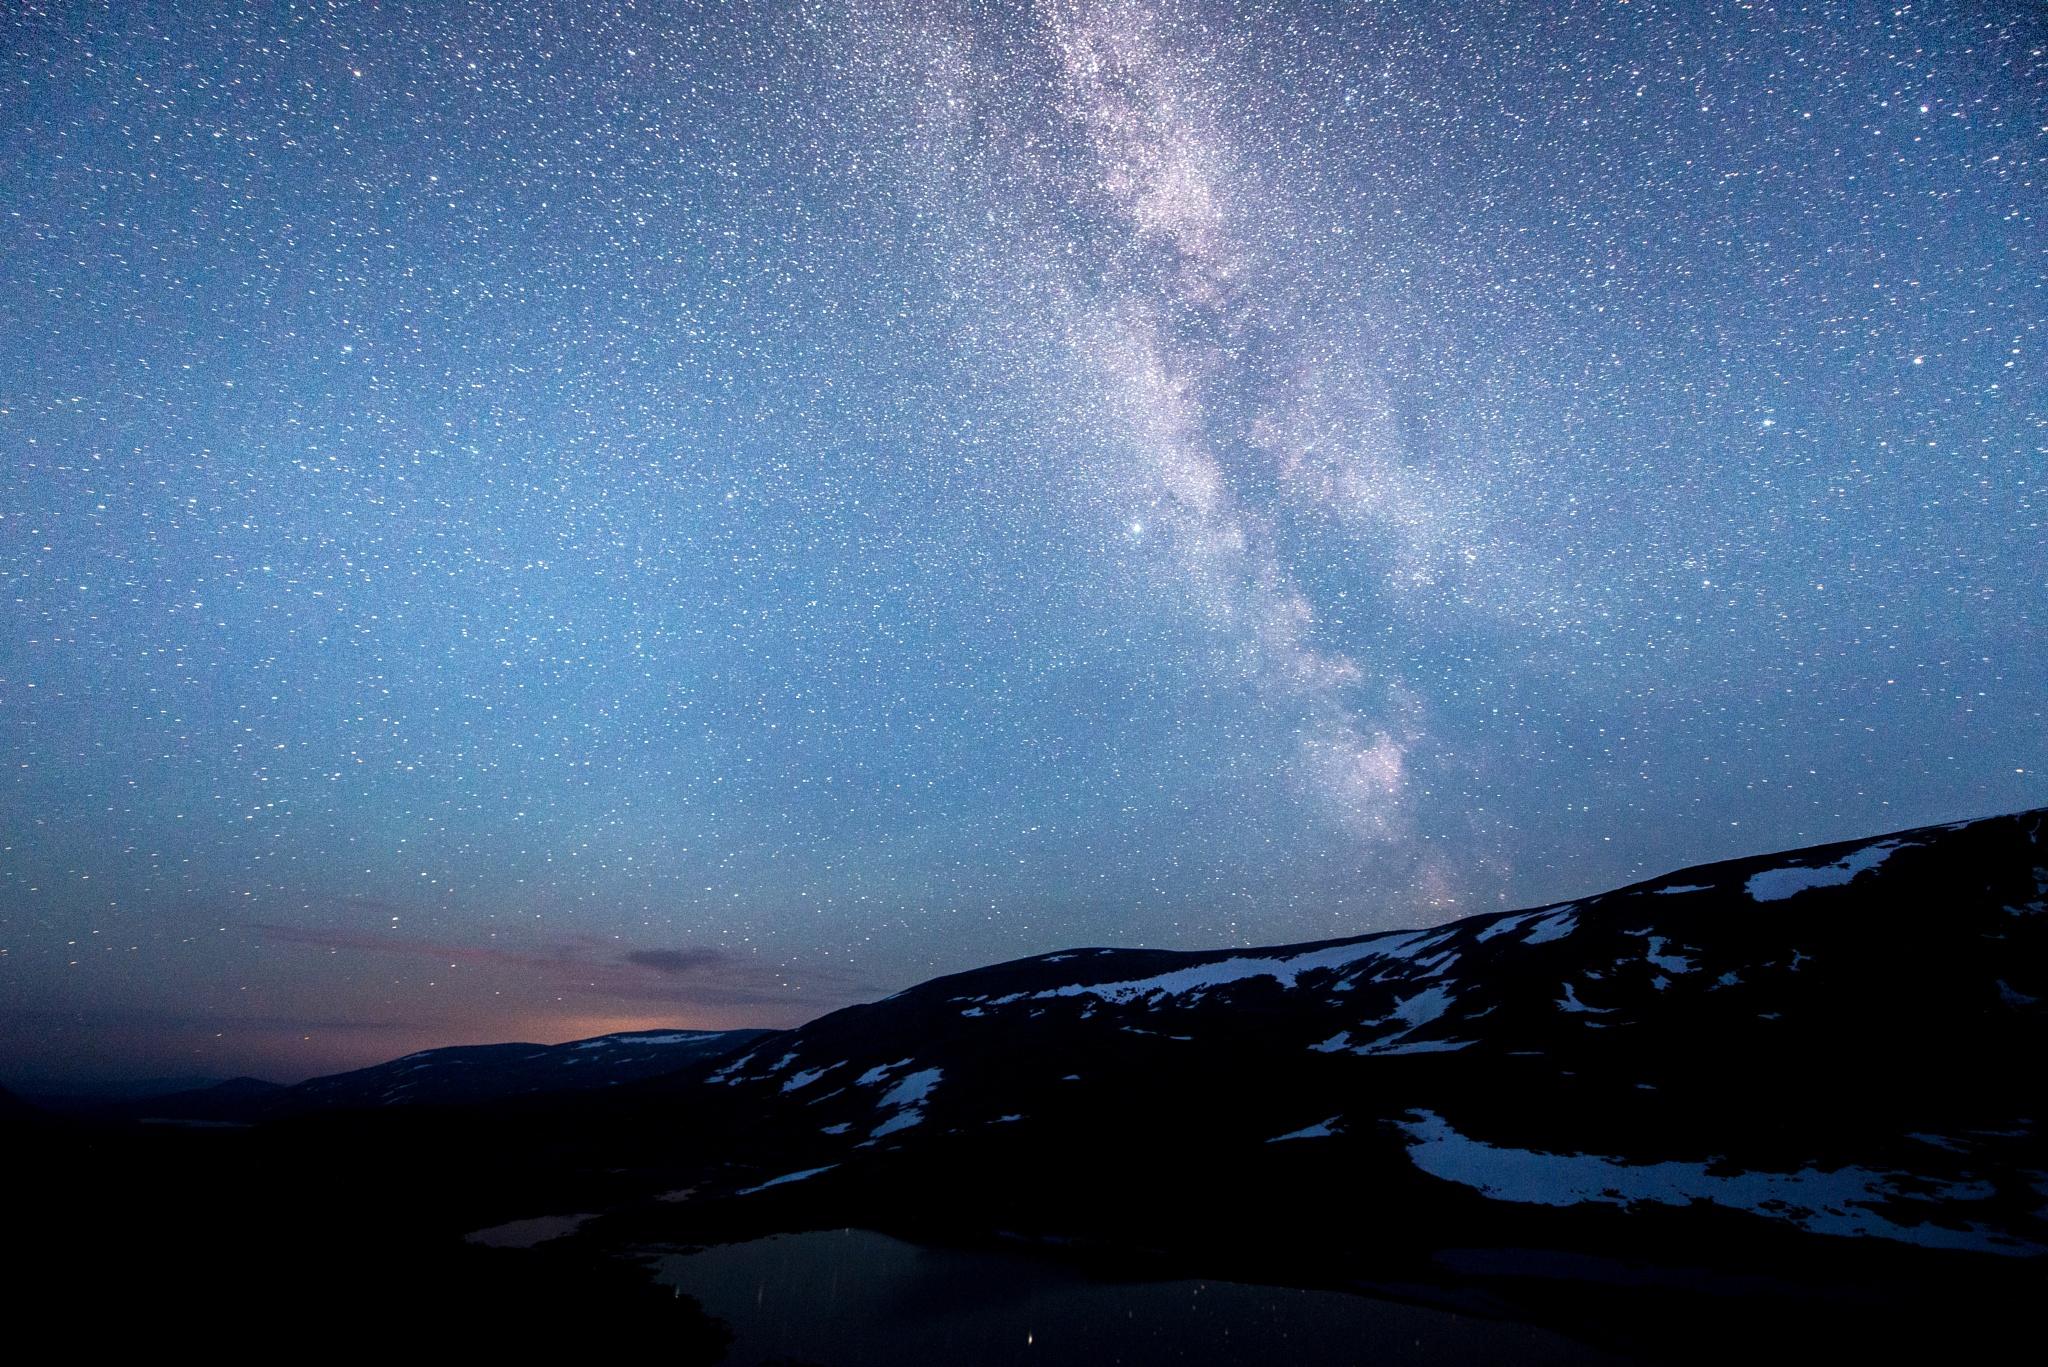 Milky road 2 by E Pedersen